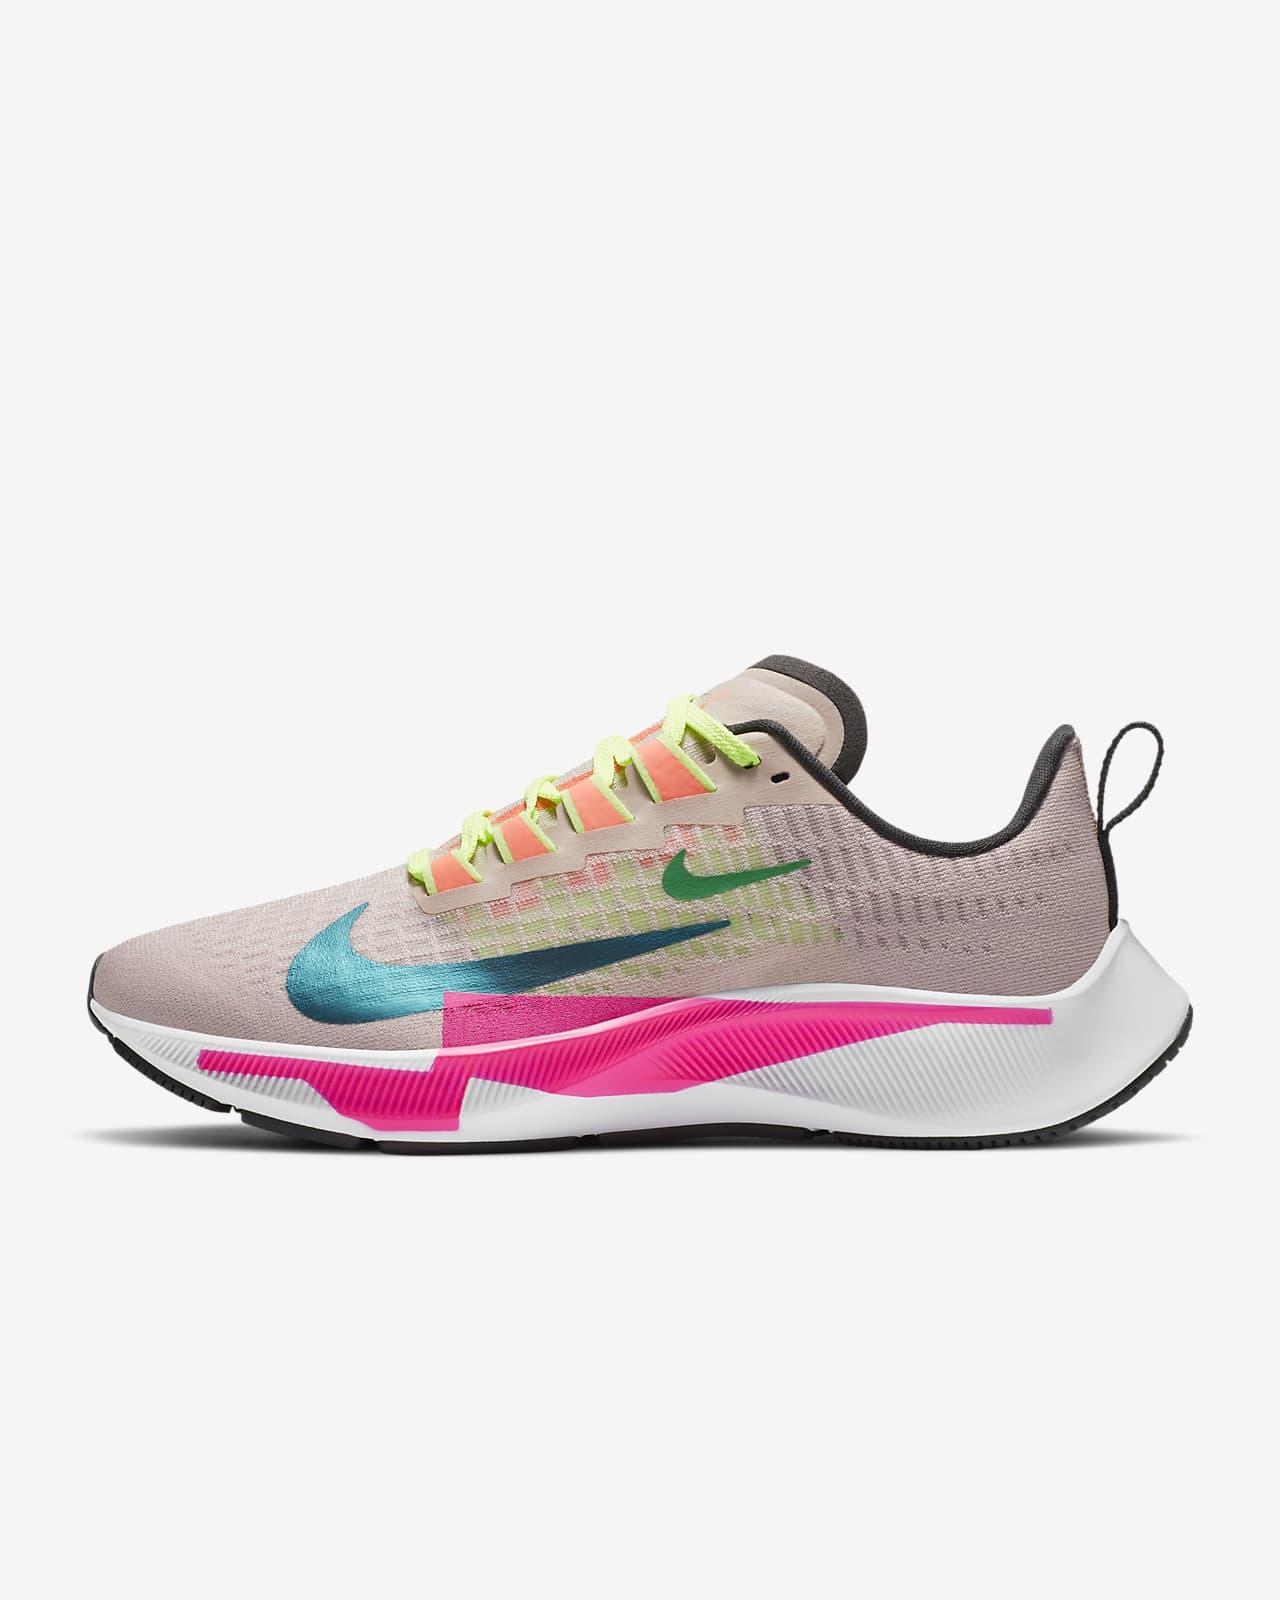 Dámská běžecká bota Nike Air Zoom Pegasus 37 Premium